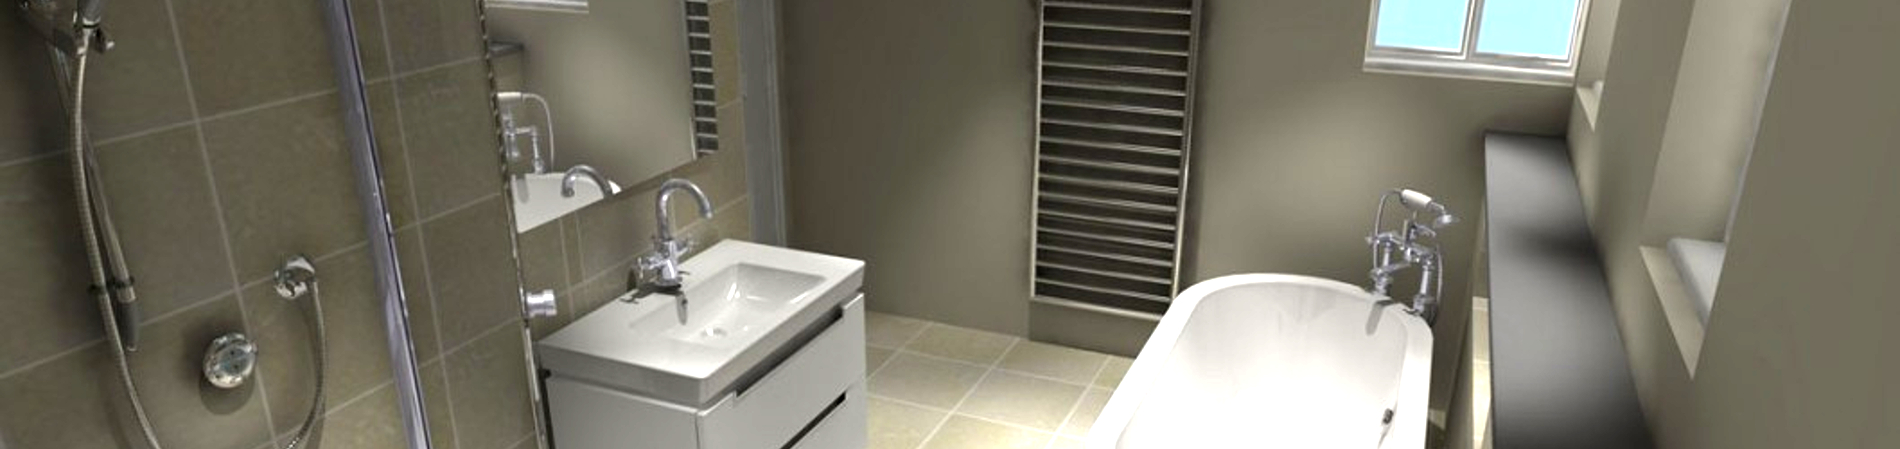 4 presupuestos de instalaci n completa de fontaner a - Precio instalacion fontaneria ...